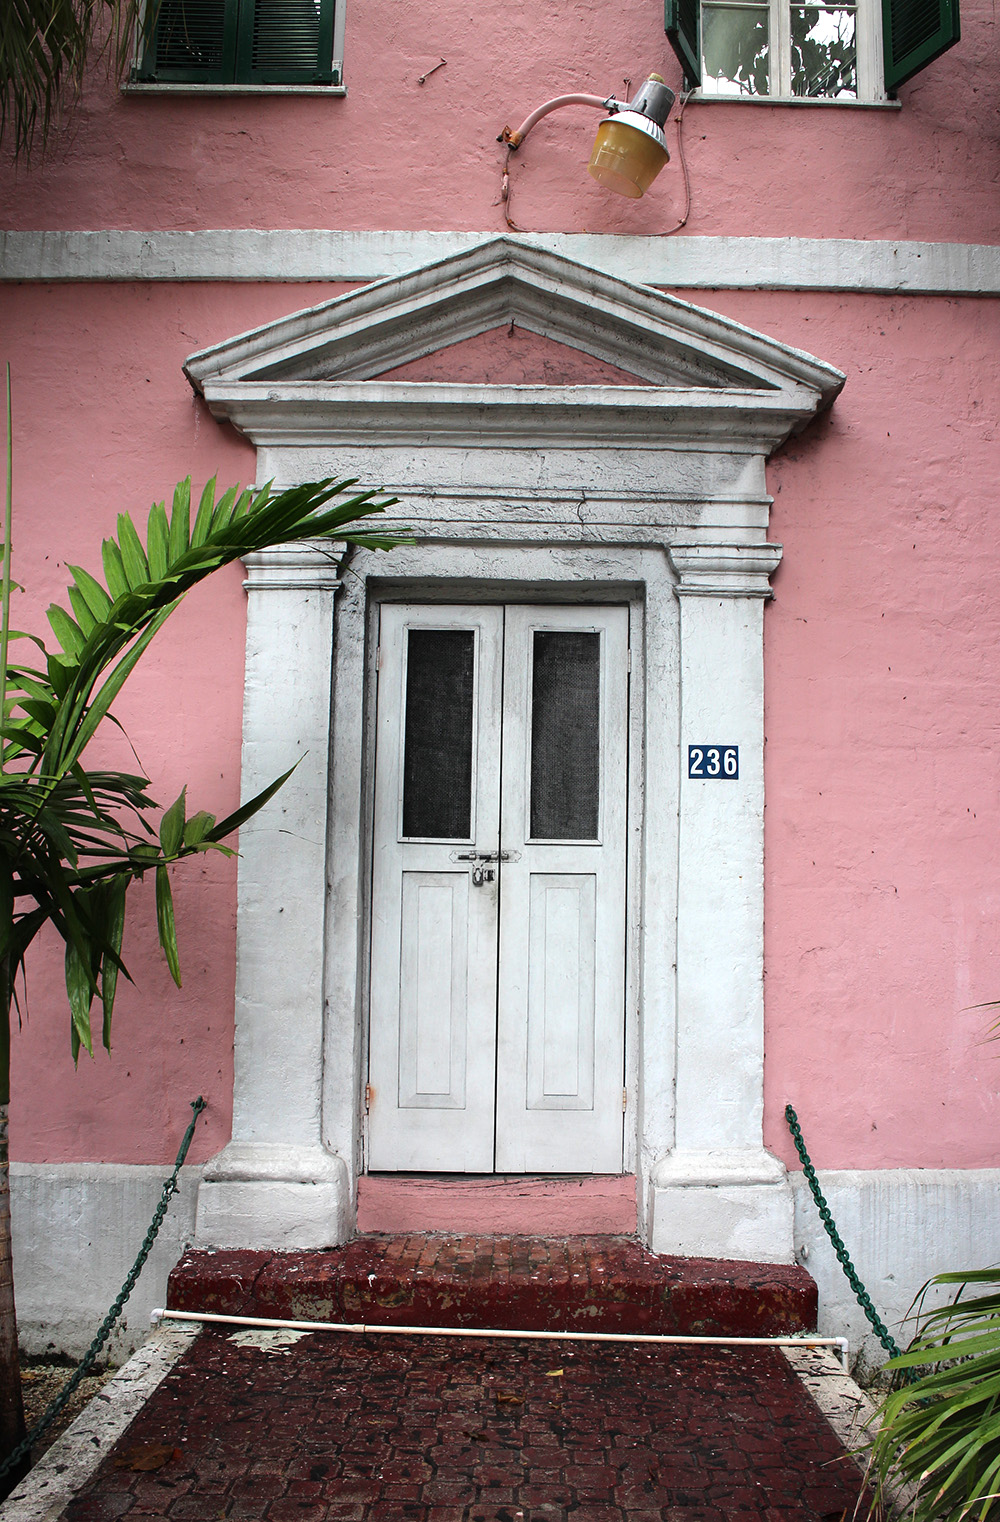 IHEARTALICE_Bahamas_48